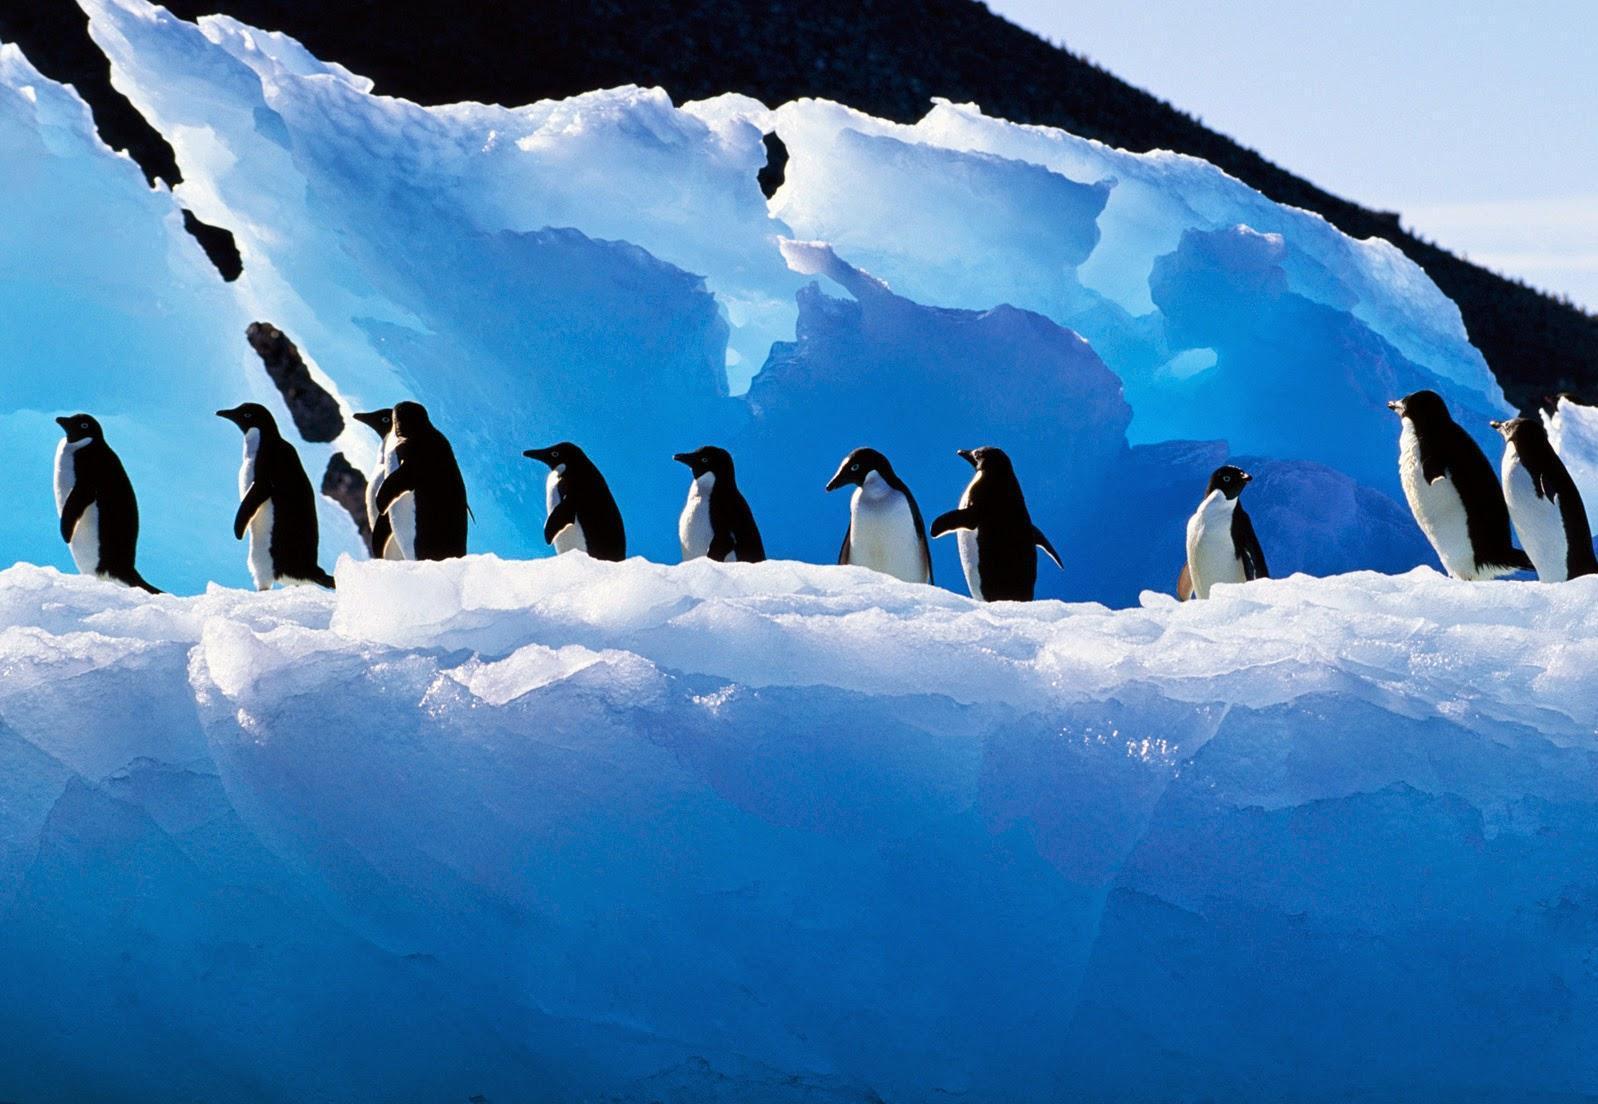 Adelie Penguin wallpapers HD